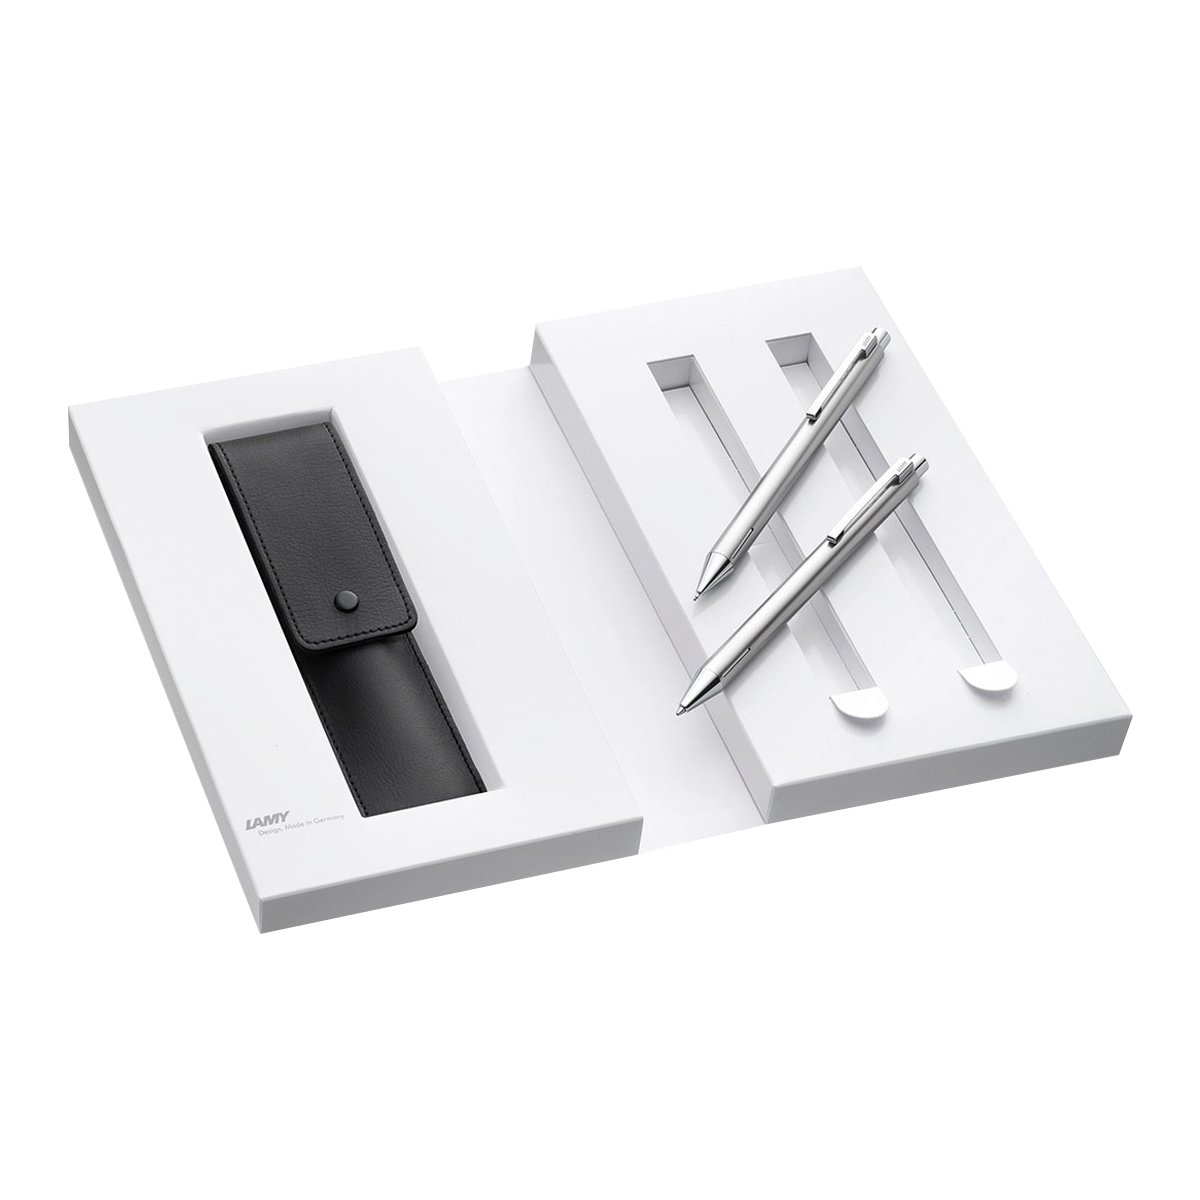 Lamy 1230494 - Set di penna e matita in custodia in ecopelle, confezione regalo, M Econ 240/140, argento Lamy GmbH